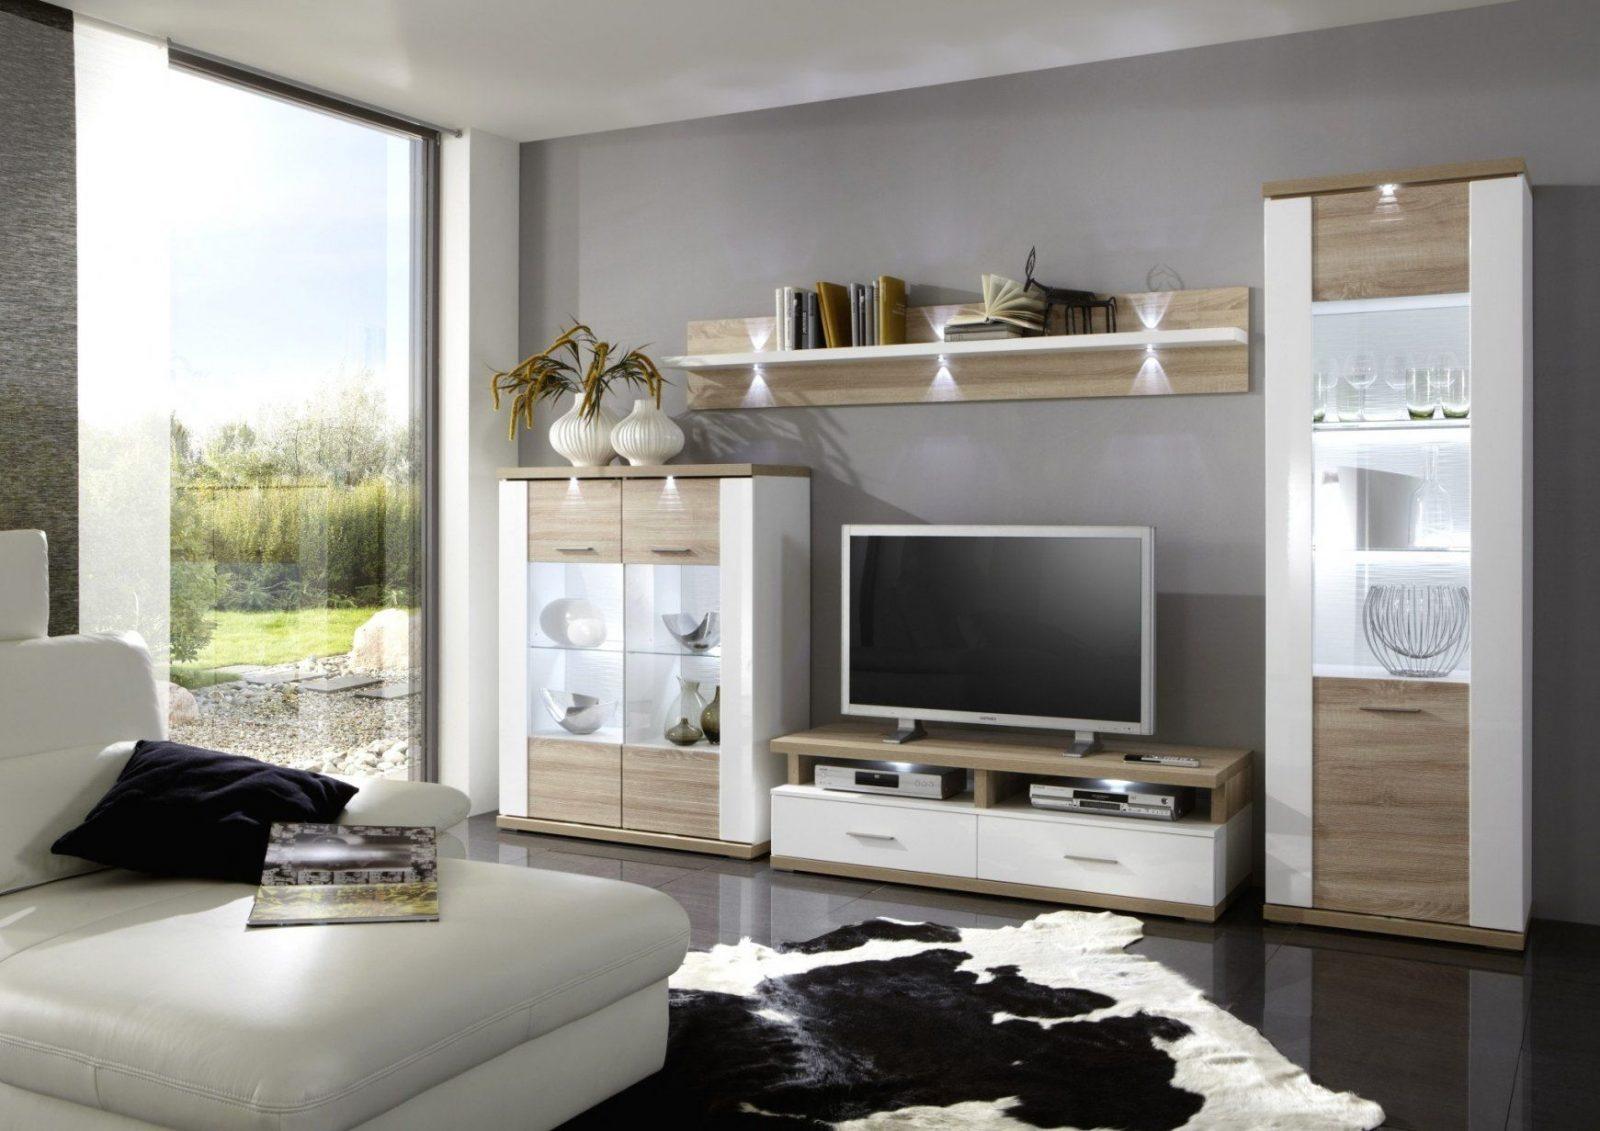 Attraktive Inspiration Welche Wandfarbe Passt Zu Braunen Möbeln Und von Wandfarbe Zu Braunen Möbeln Bild